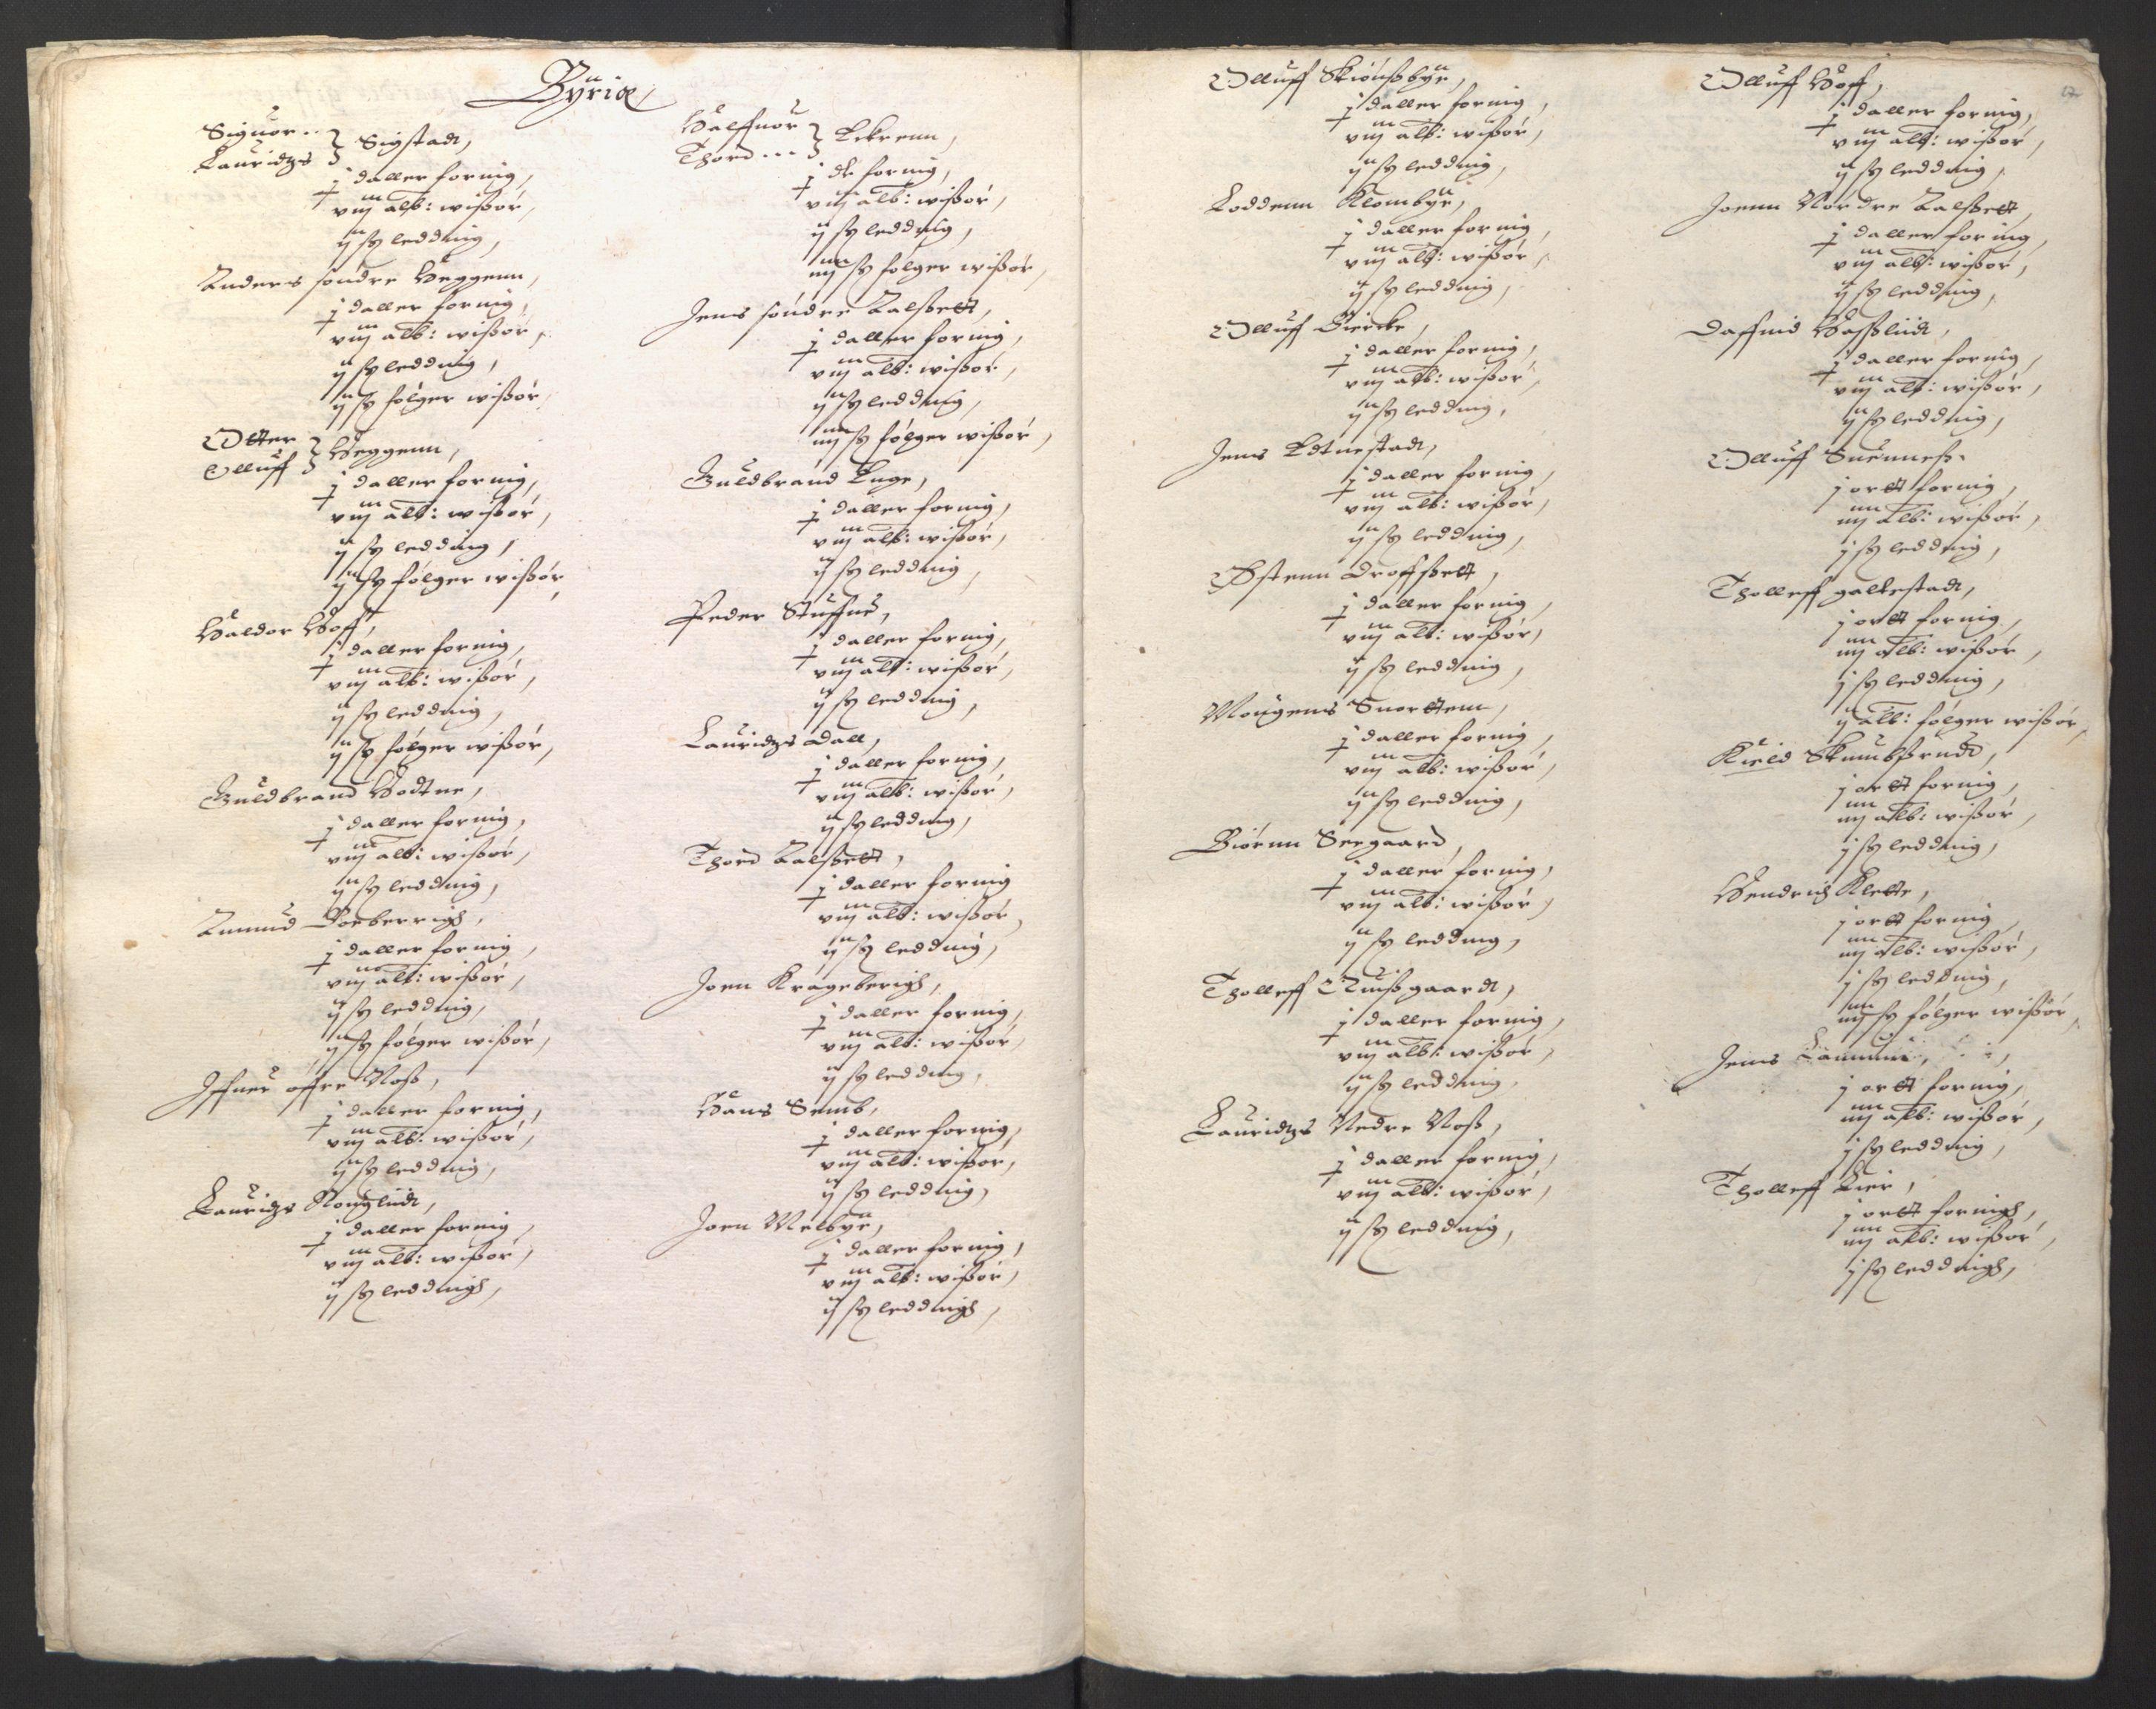 RA, Stattholderembetet 1572-1771, Ek/L0001: Jordebøker før 1624 og til utligning av garnisonsskatt 1624-1626:, 1624-1625, s. 83